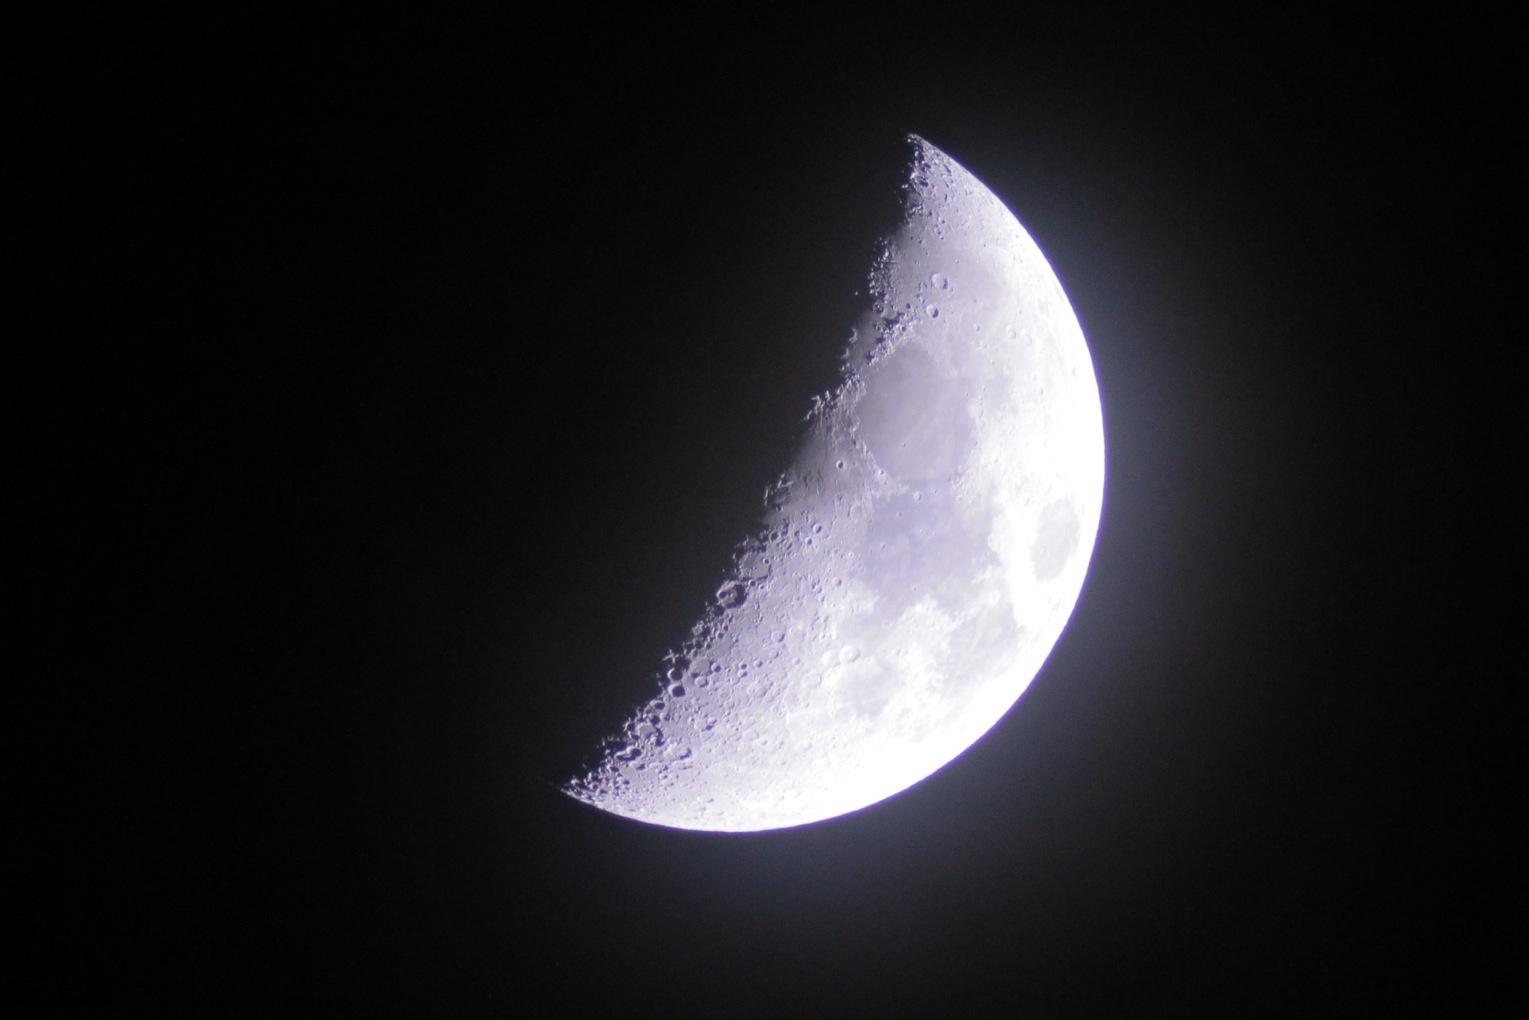 【双眼鏡で宙を遊ぼう】LEVEL3 欠けたお月様のクレーターを見よう